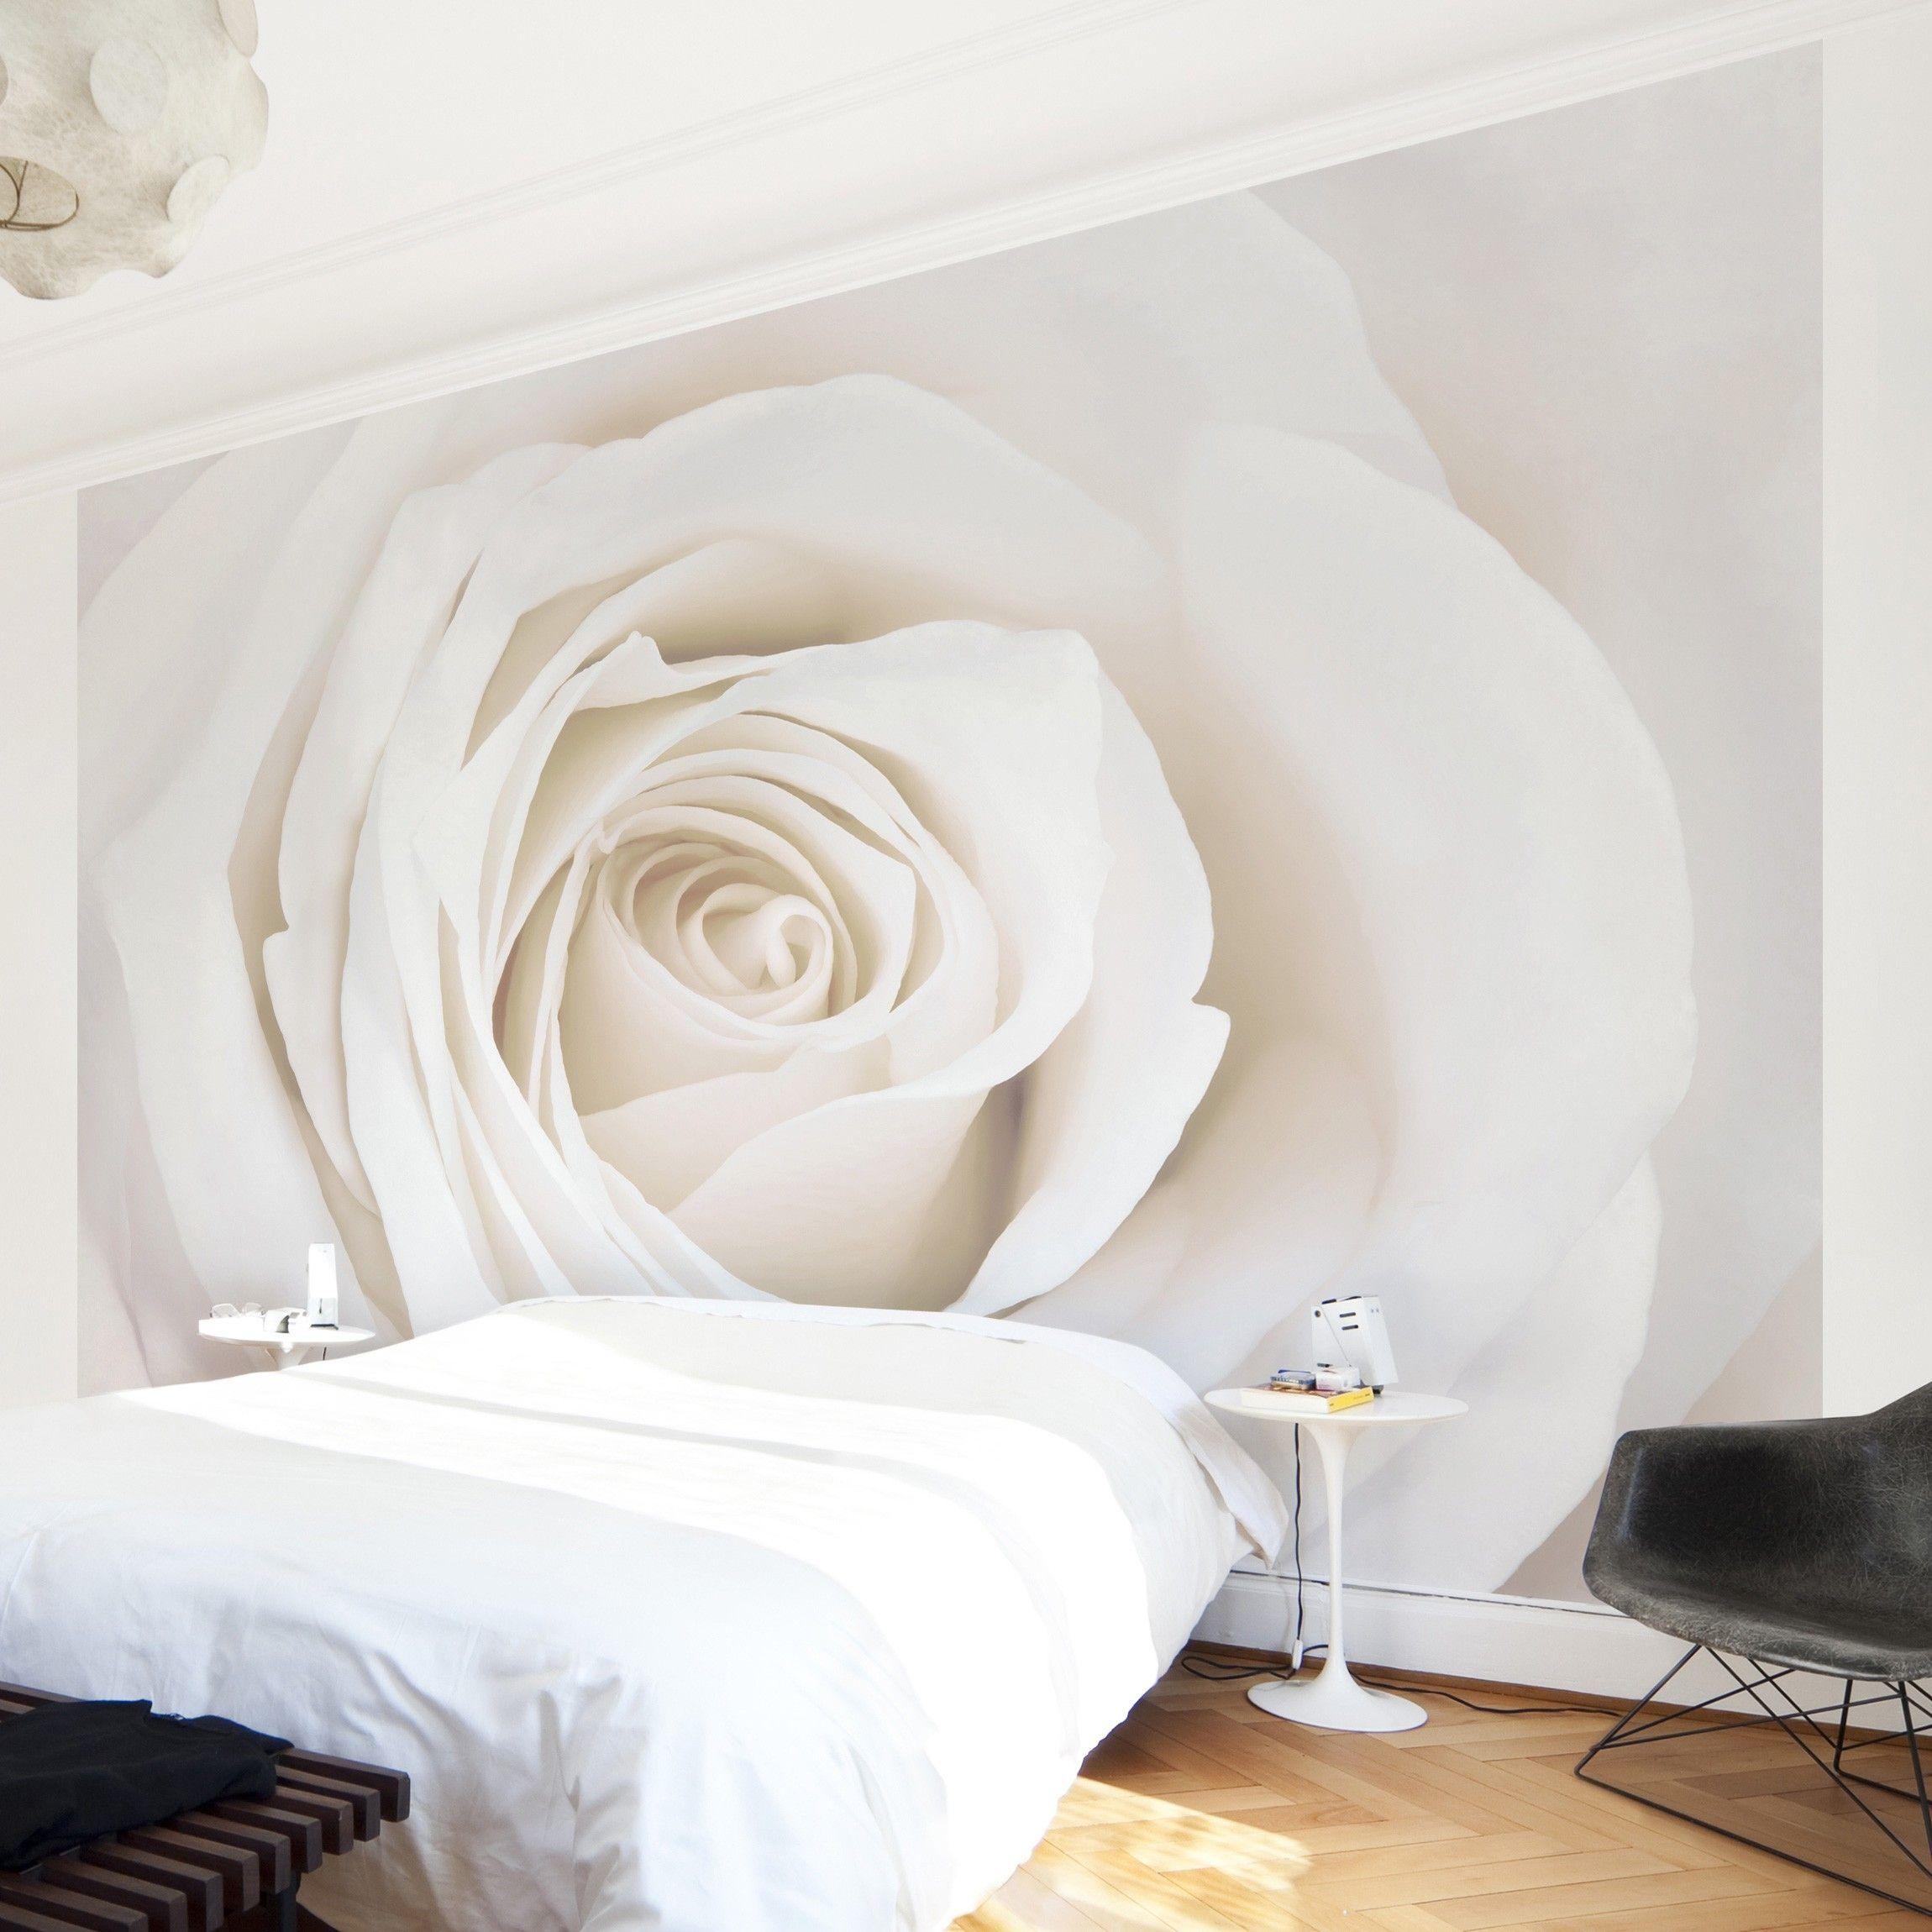 Rosentapete Fototapete Rosen Pretty White Rose Blumen